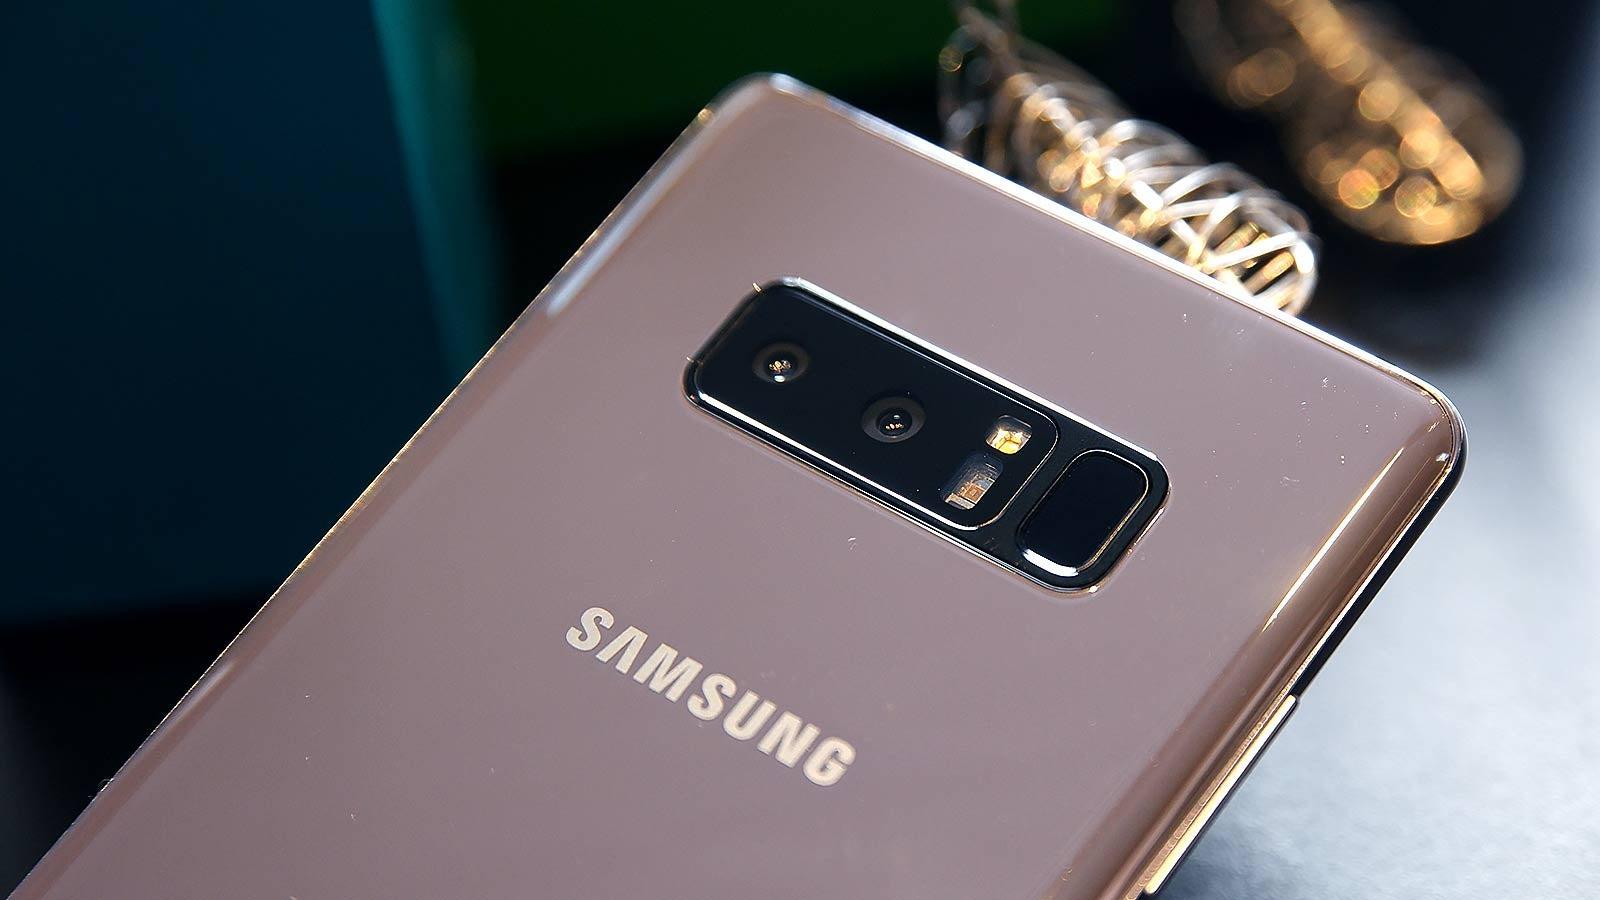 Samsung Note 8: The Return Of The Original Jumbo Phone ...